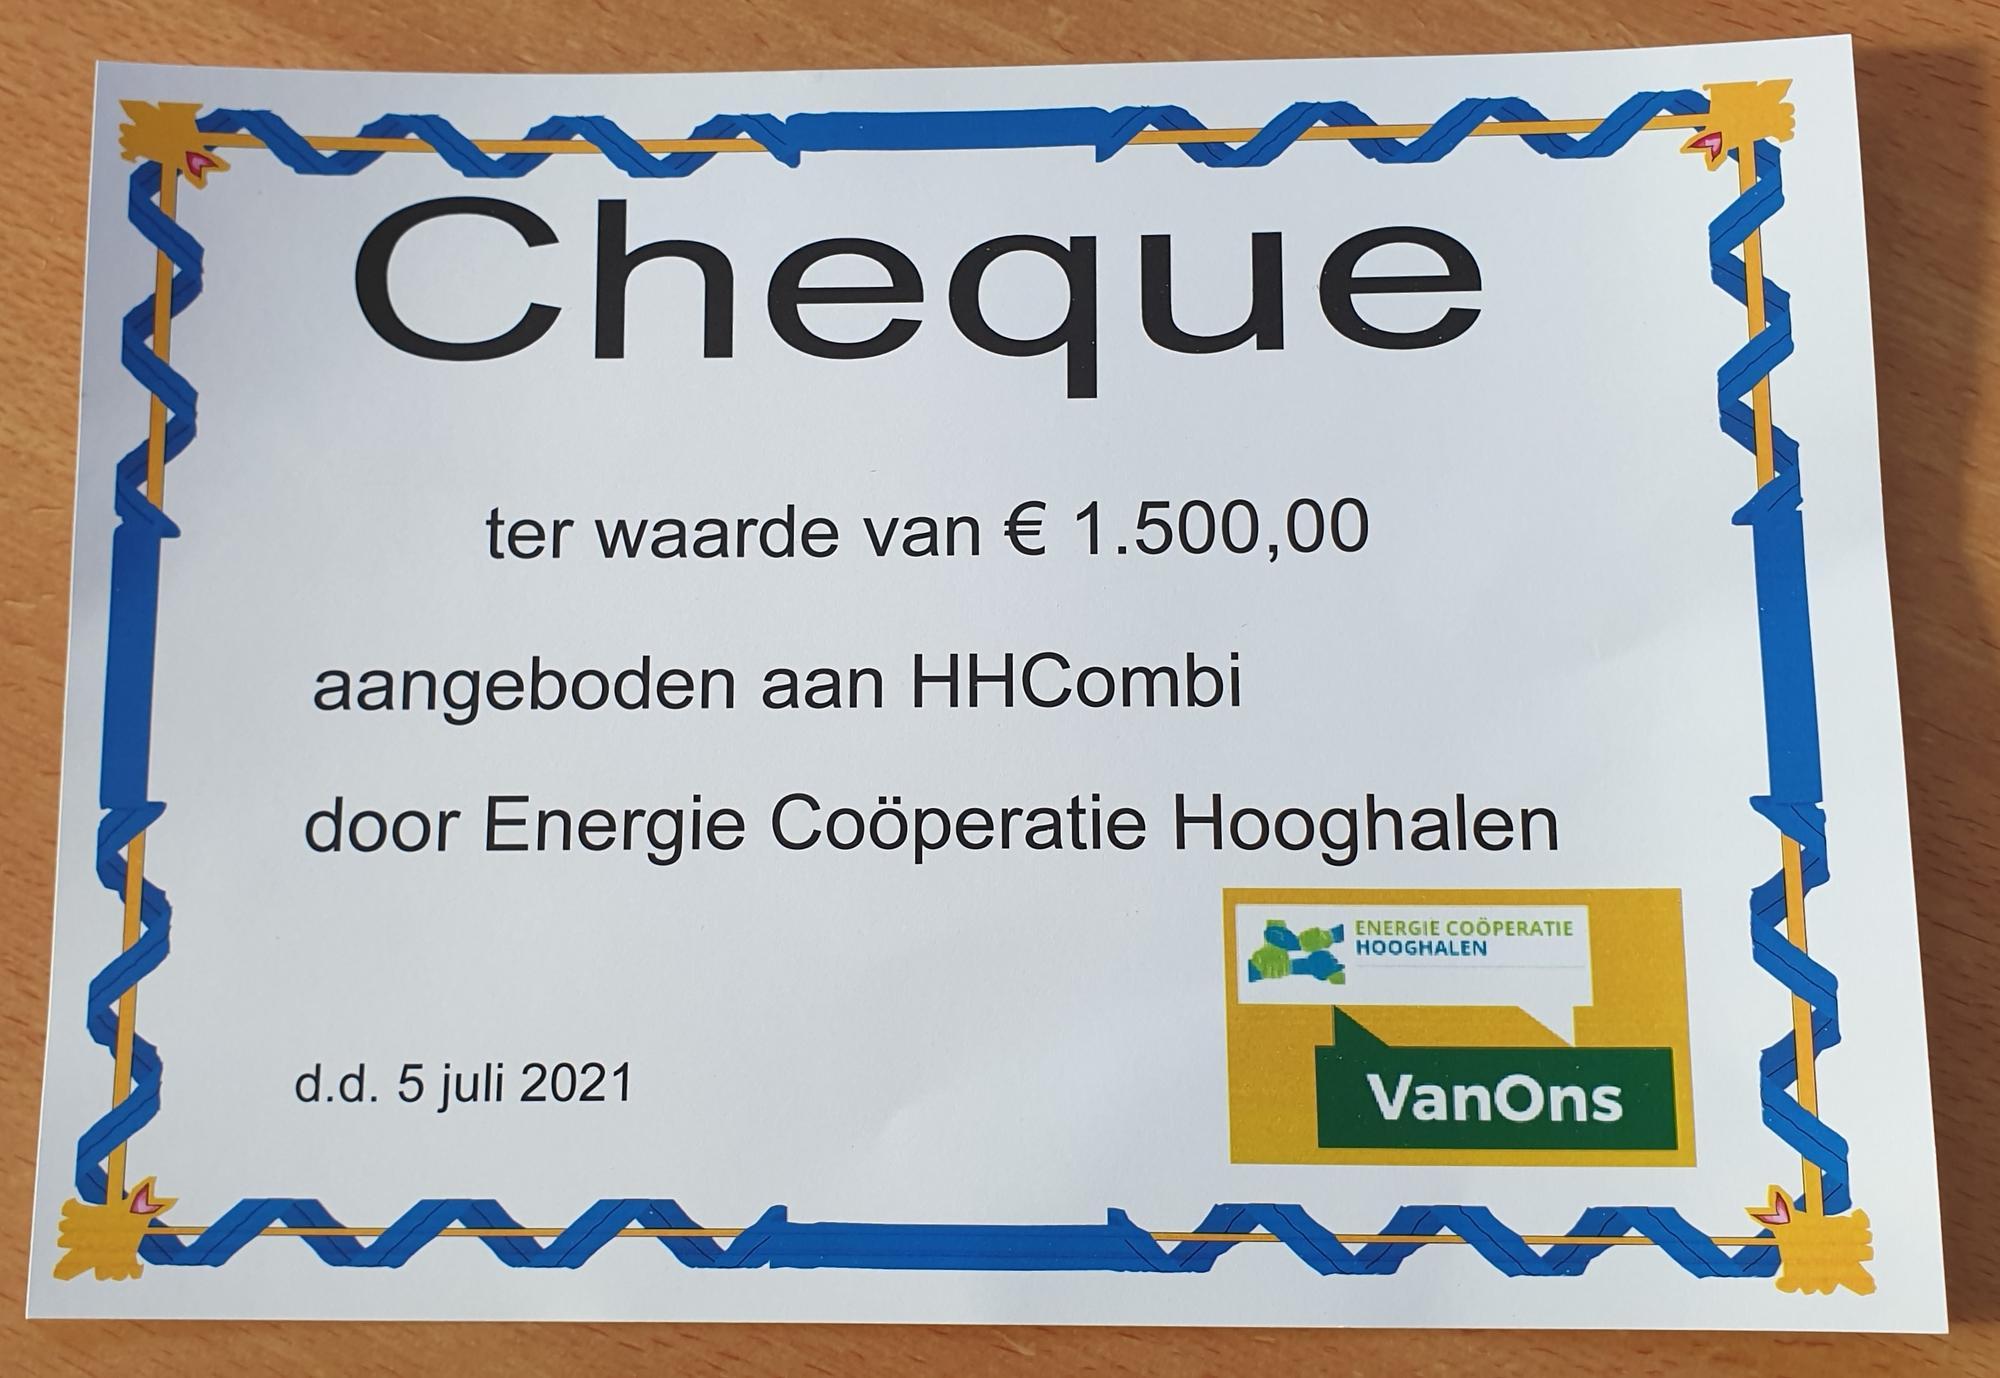 HHCombi ontvangt cheque van Energie Coöperatie Hooghalen